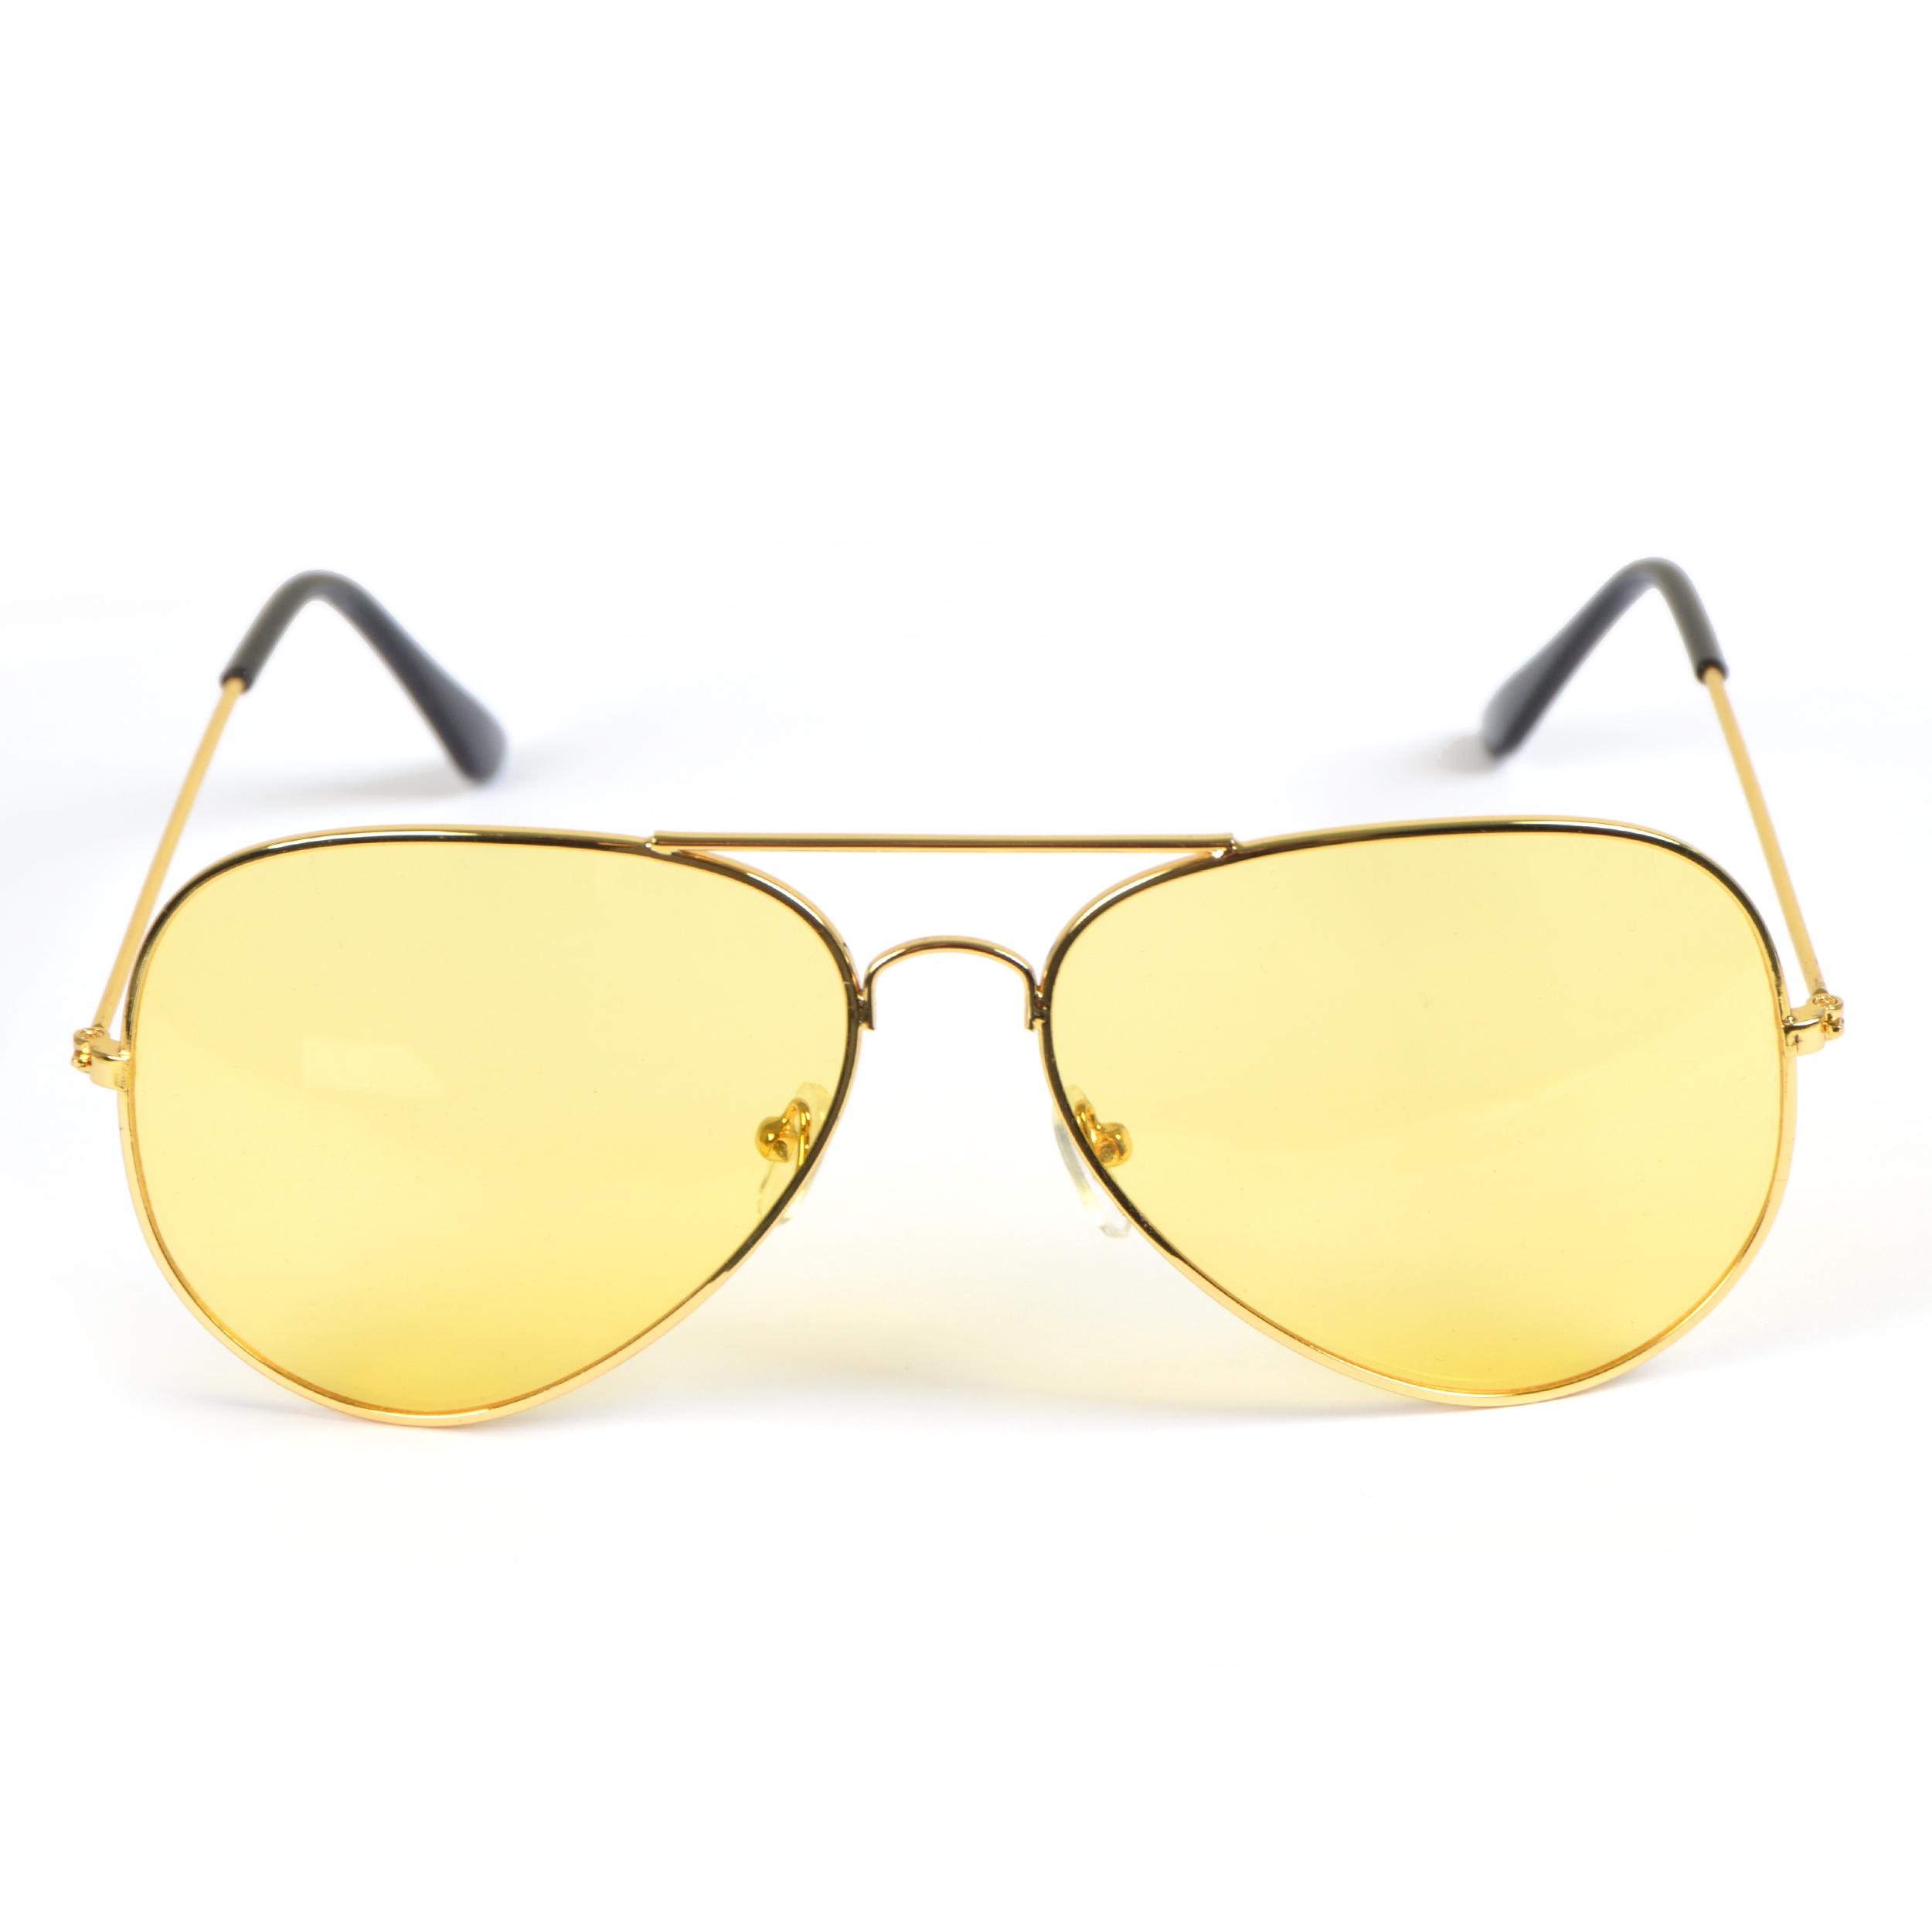 Sonnenbrille, Light, Pilotenbrille - Goldfassung, Gläser gelb/gold